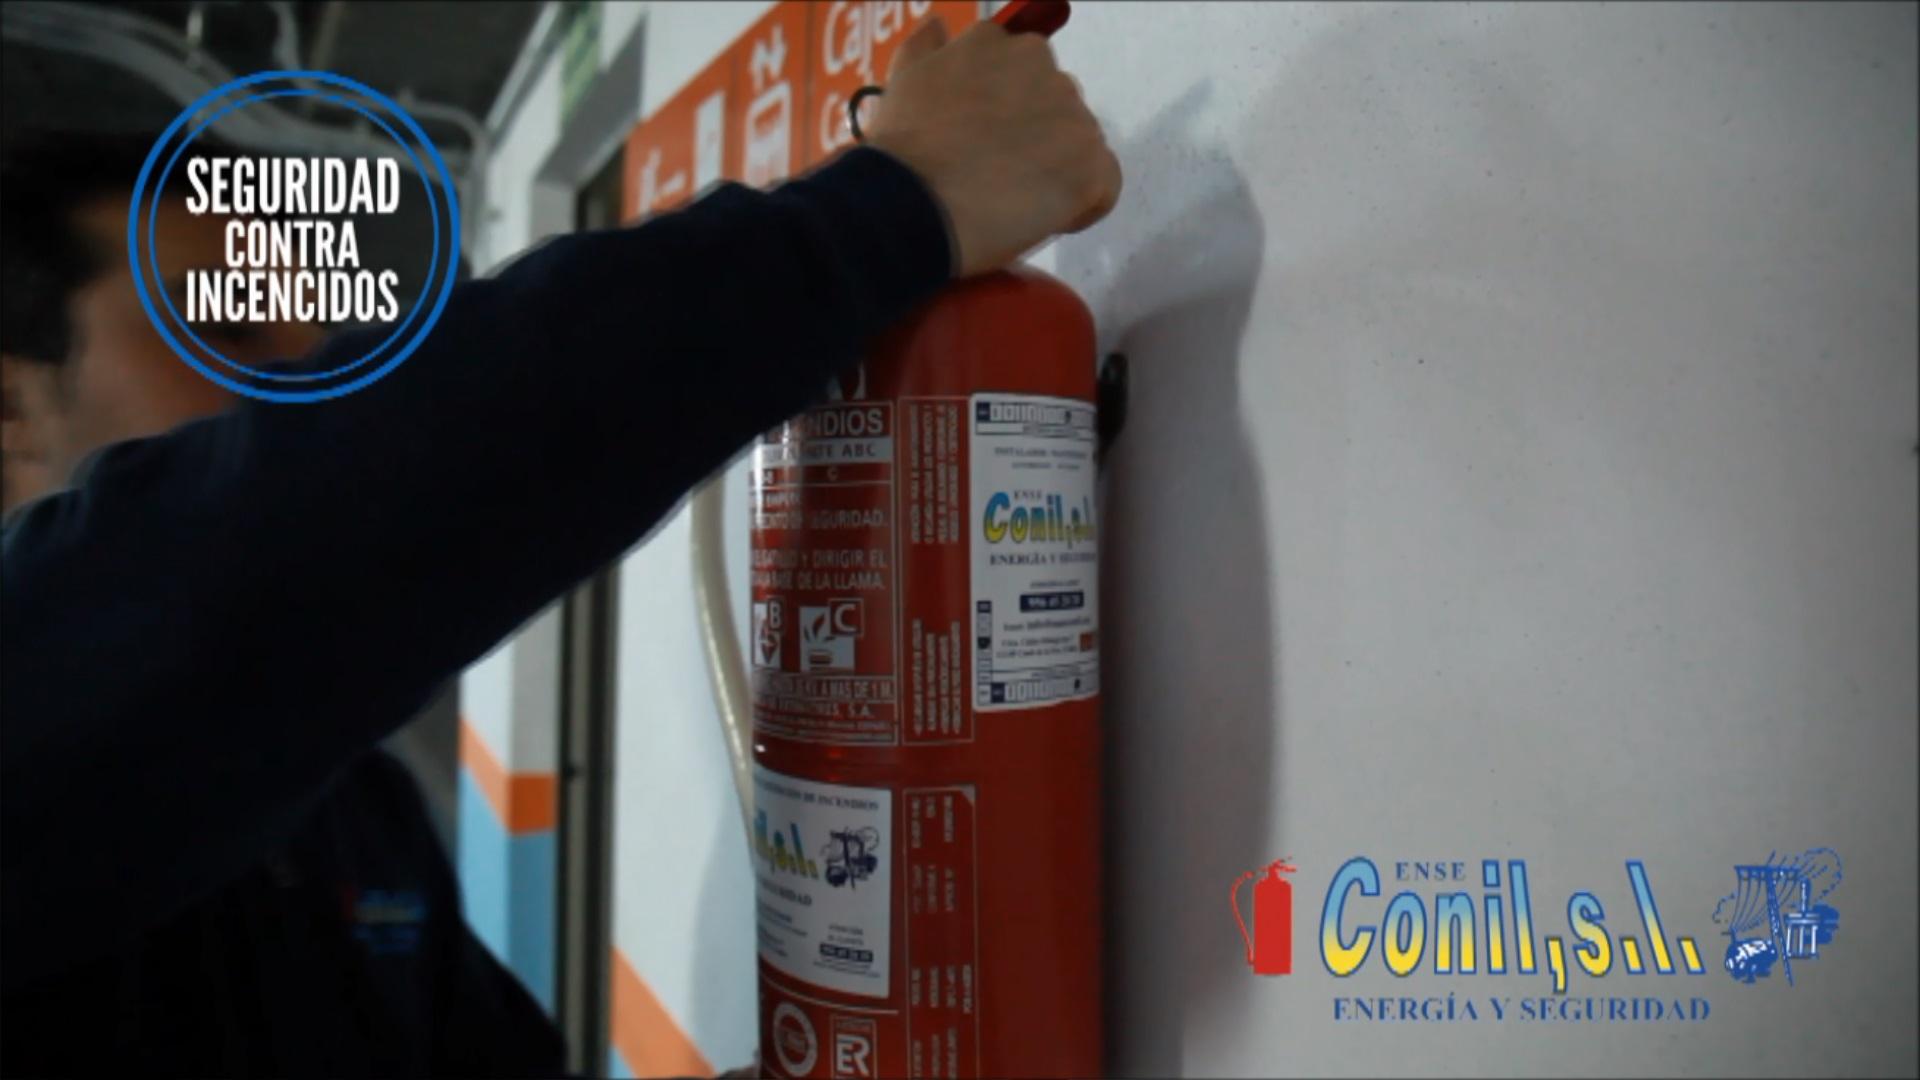 ENSE Conil su empresa de equipos contra incendios